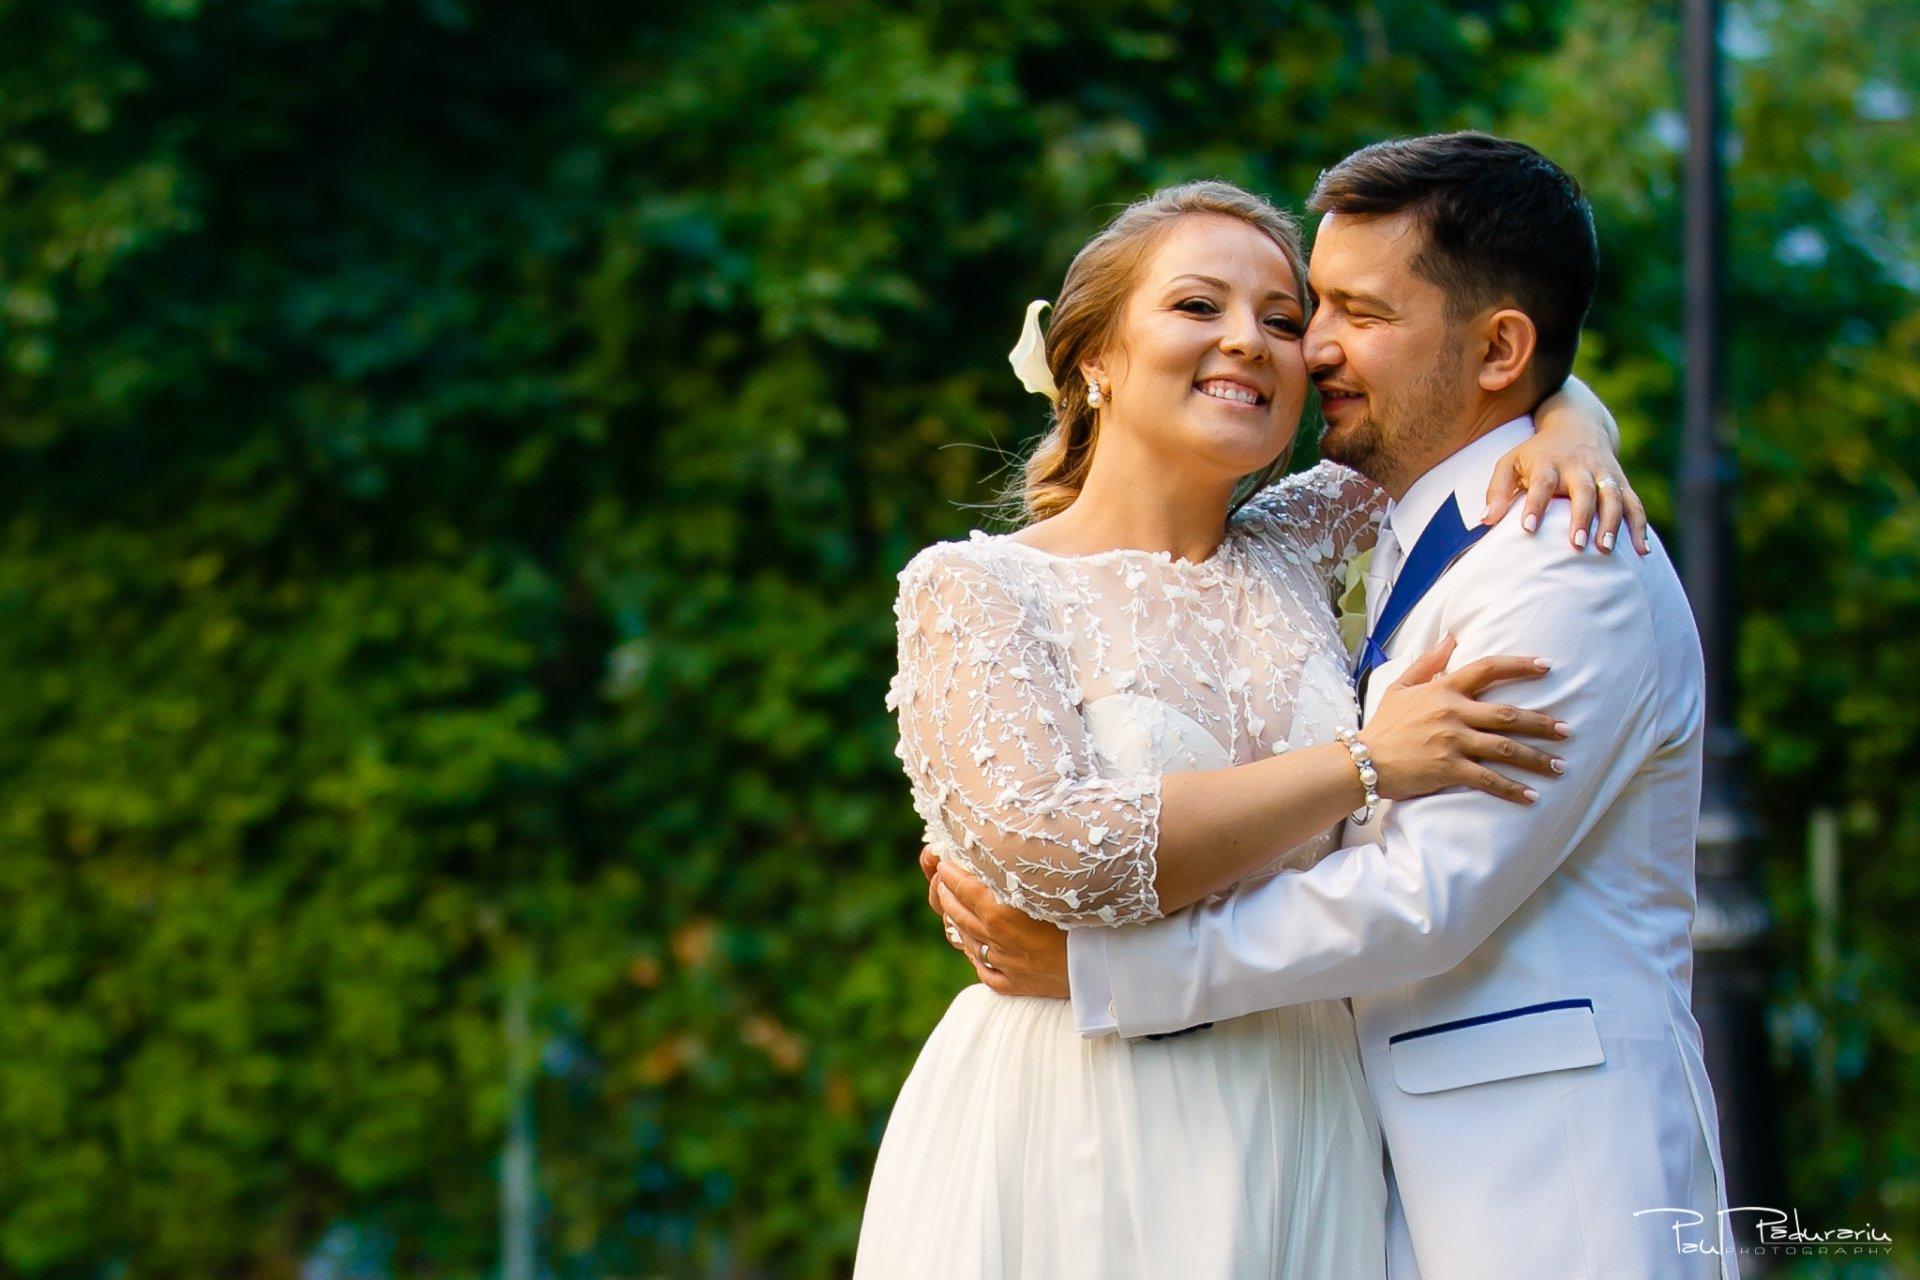 Sedinta foto nunta Ema si Tudor fotograf profesionist de nunta iasi www.paulpadurariu.ro © 2017 Paul Padurariu cadru miri